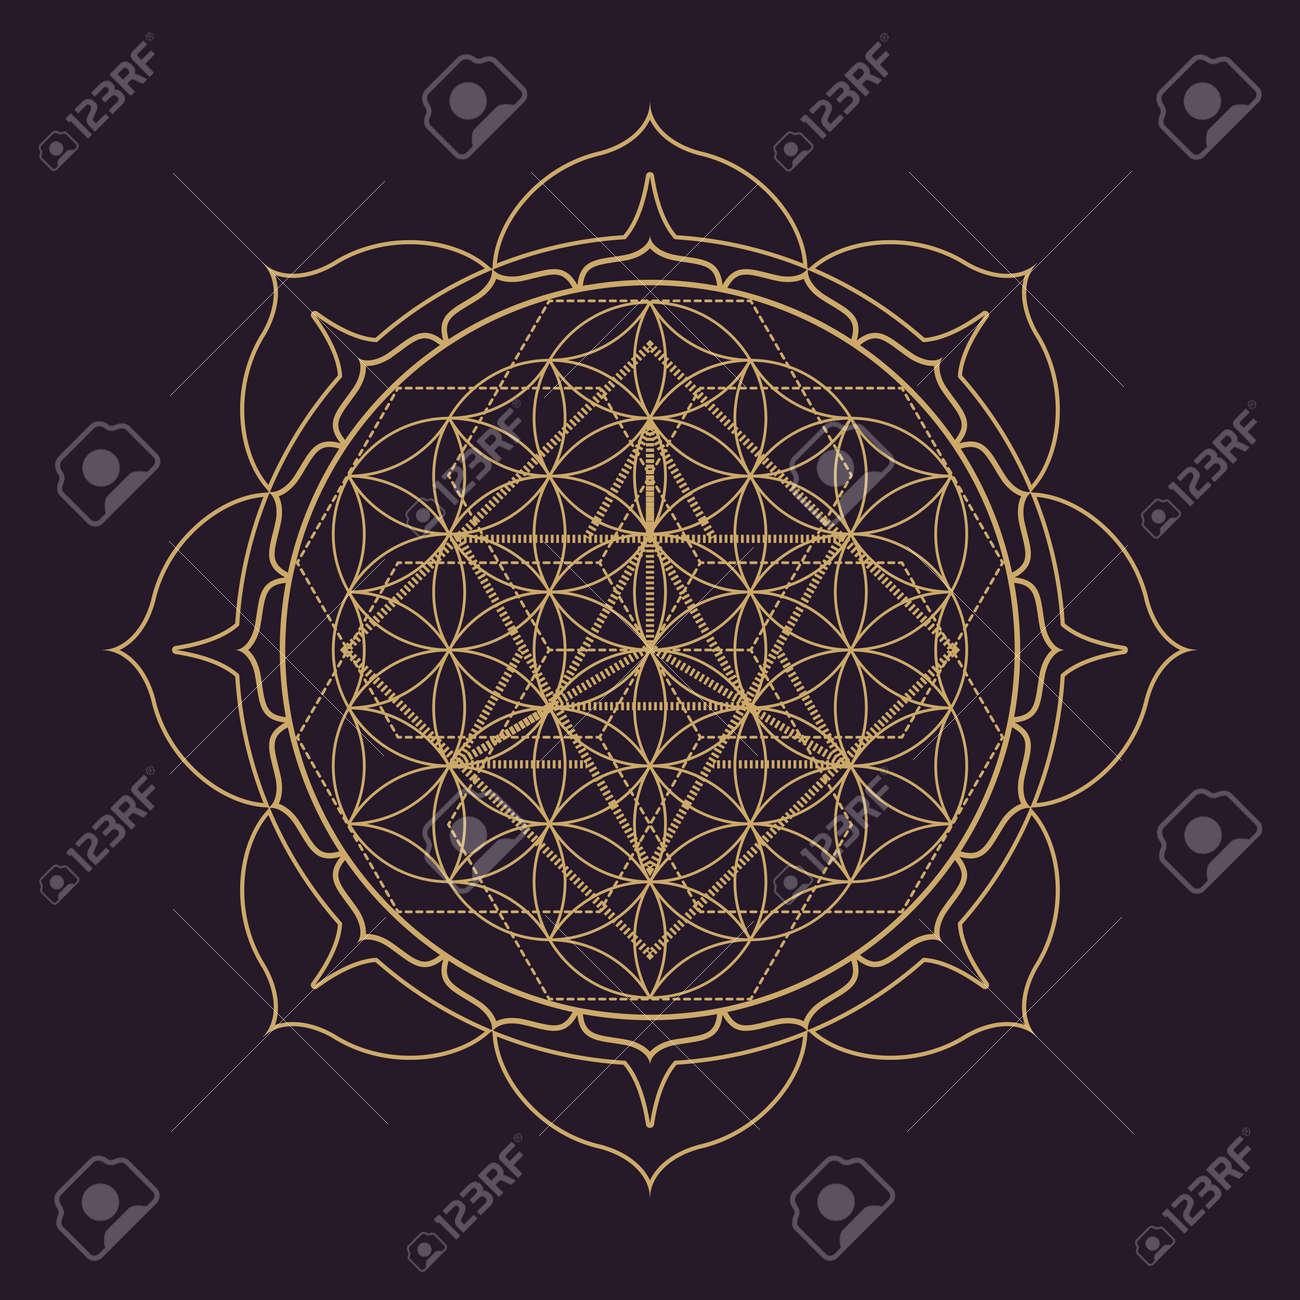 Dessin Monochrome Vecteur Dor Abstrait Mandala Géométrie Sacrée